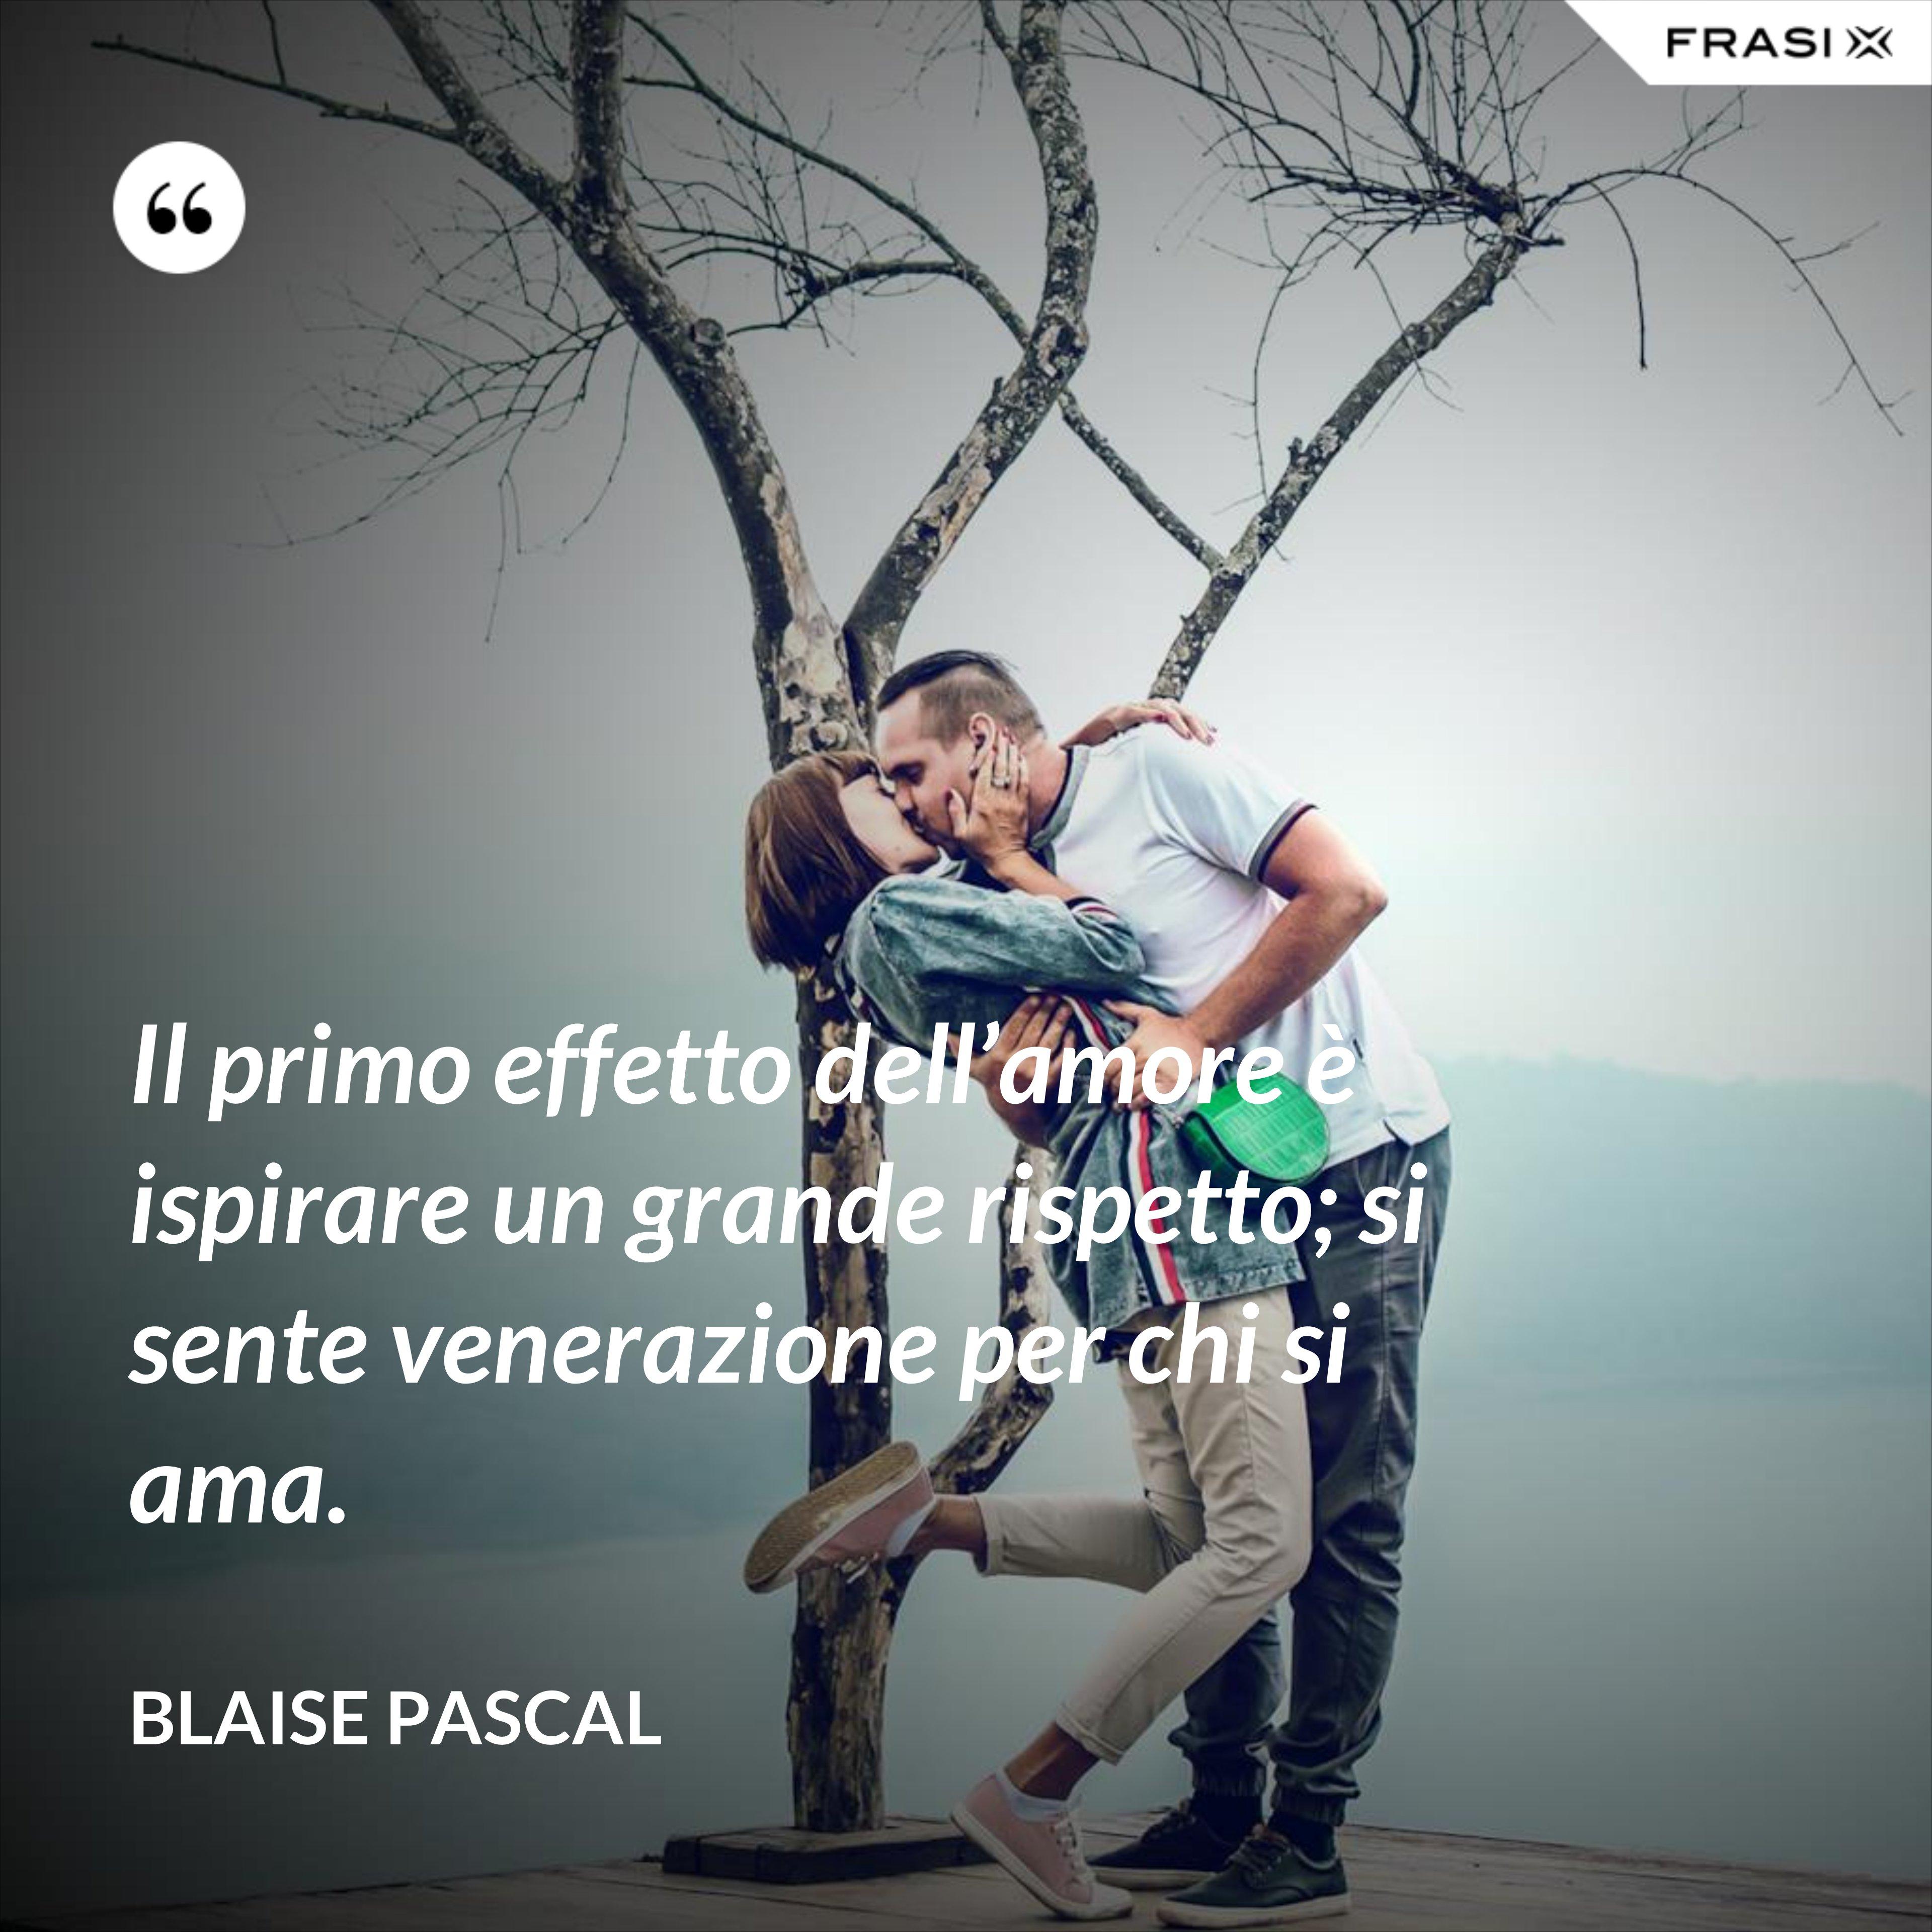 Il primo effetto dell'amore è ispirare un grande rispetto; si sente venerazione per chi si ama. - Blaise Pascal